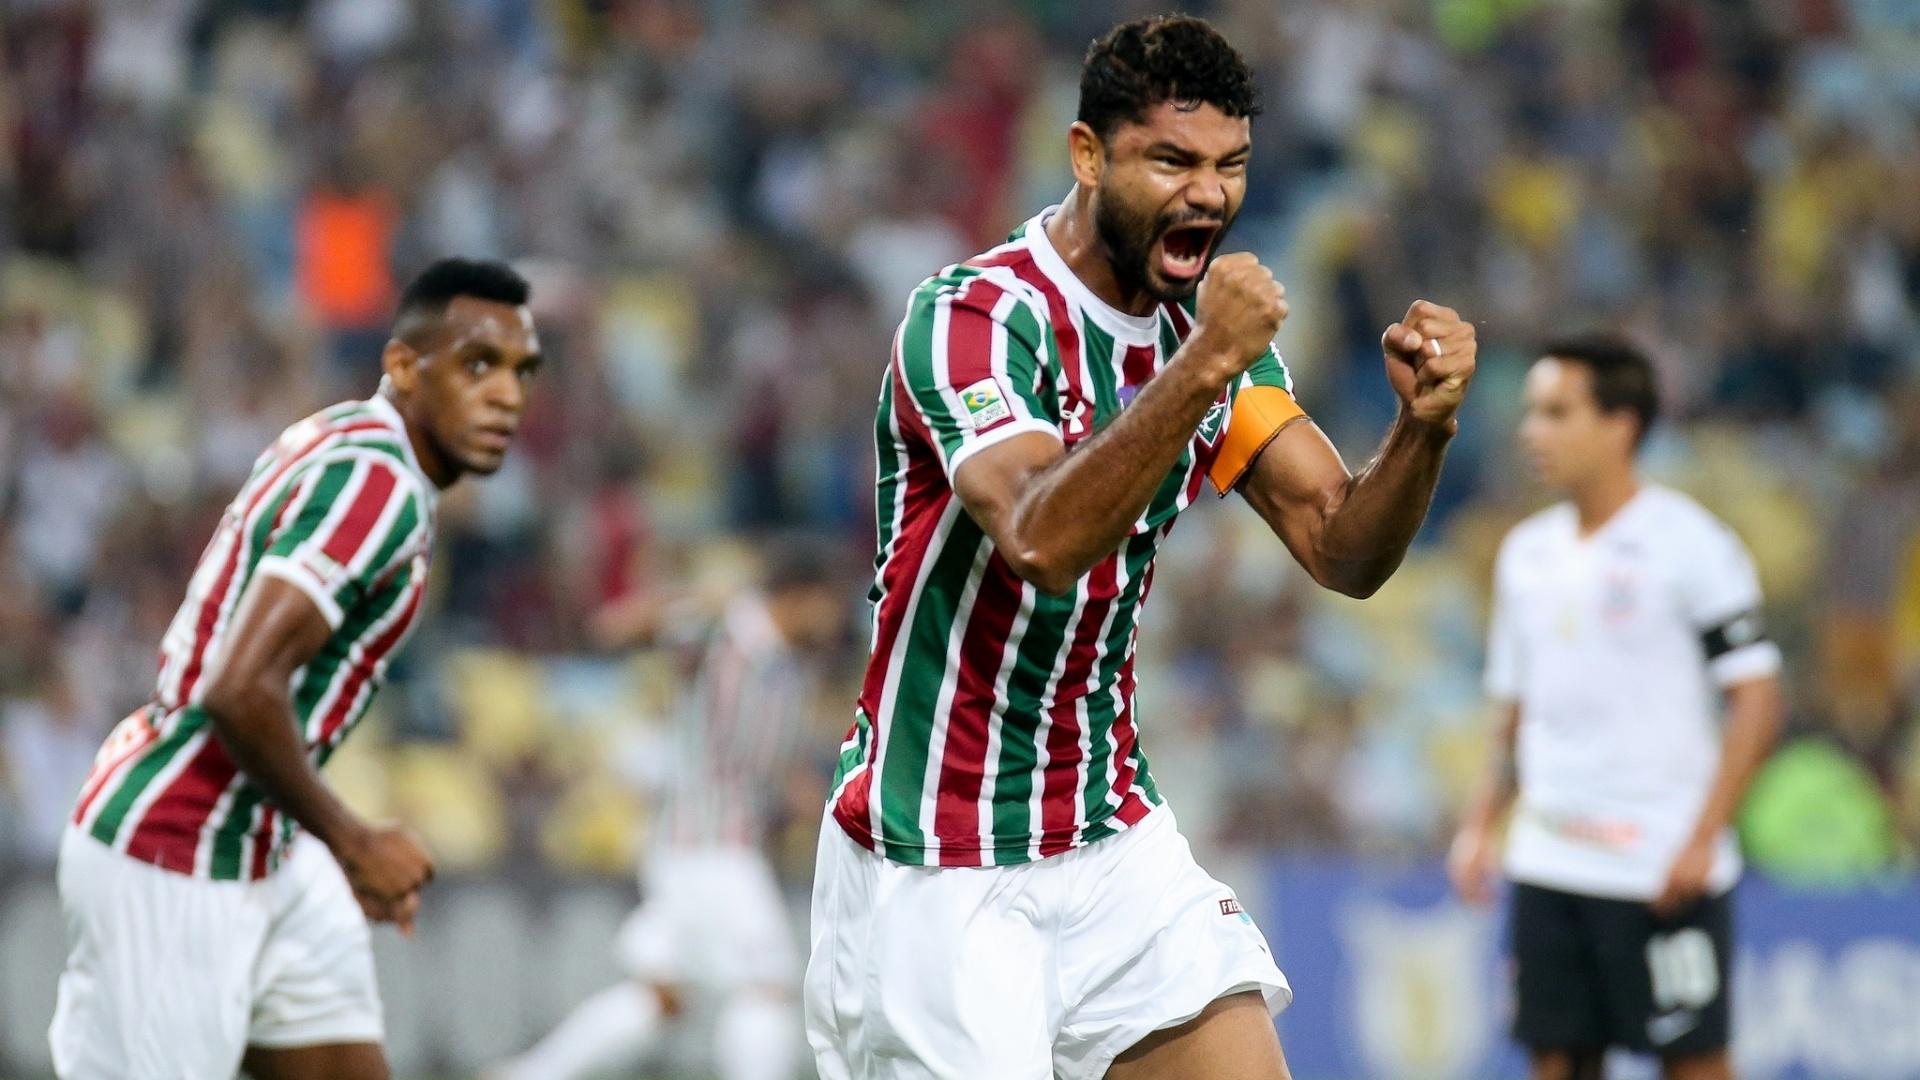 Gum comemora após marcar pelo Fluminense contra o Corinthians